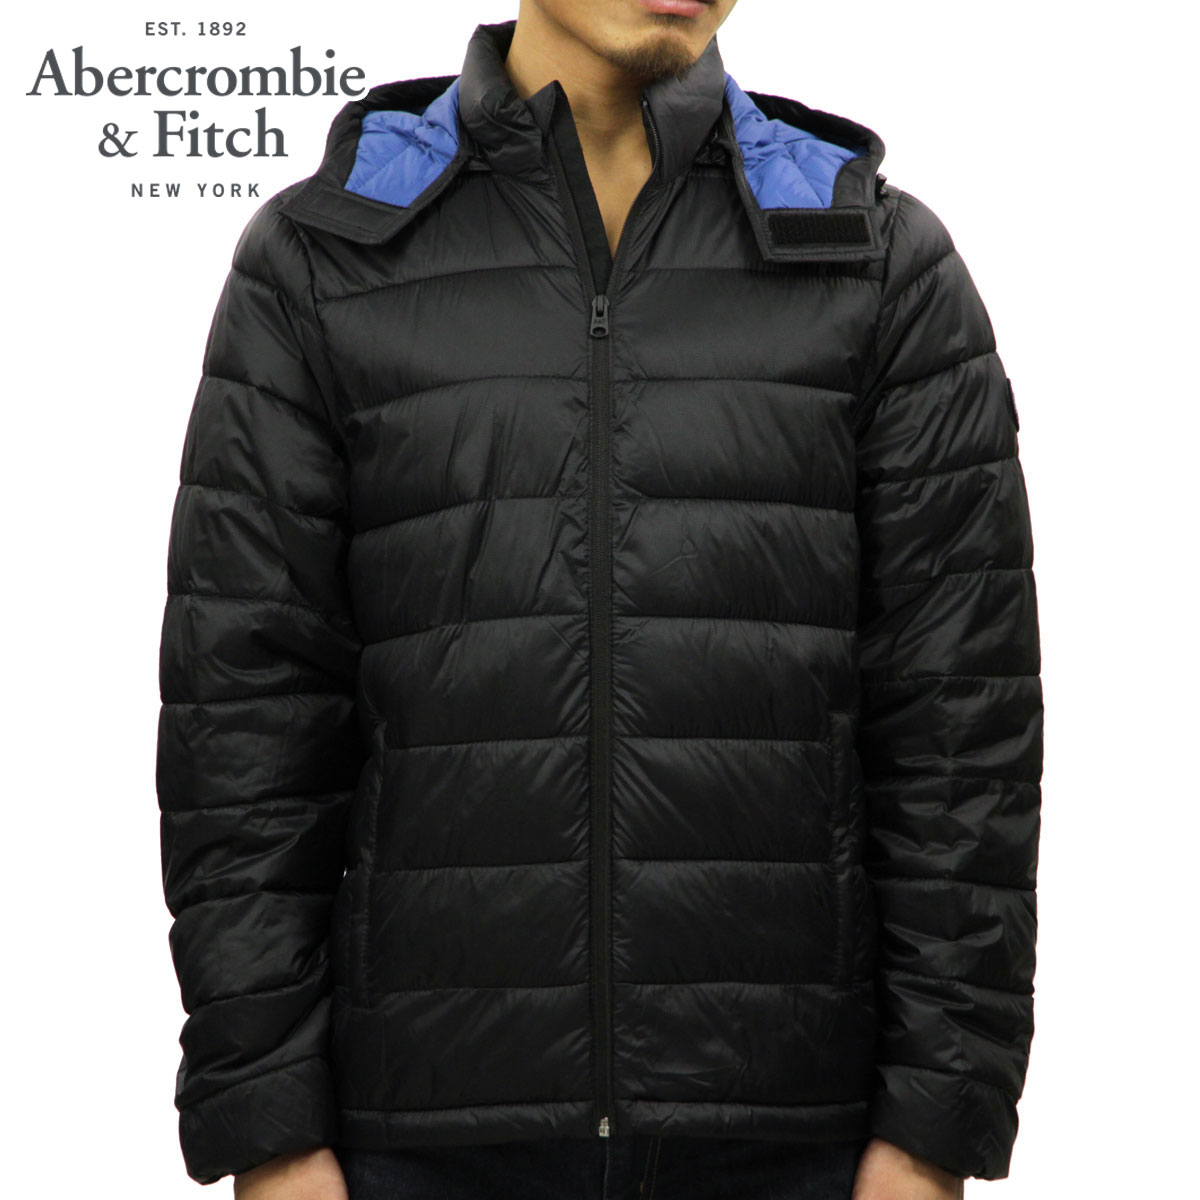 アバクロ Abercrombie&Fitch 正規品 メンズ アウター パファージャケット LIGHTWEIGHT REMOVABLE HOOD PACKABLE PUFFER